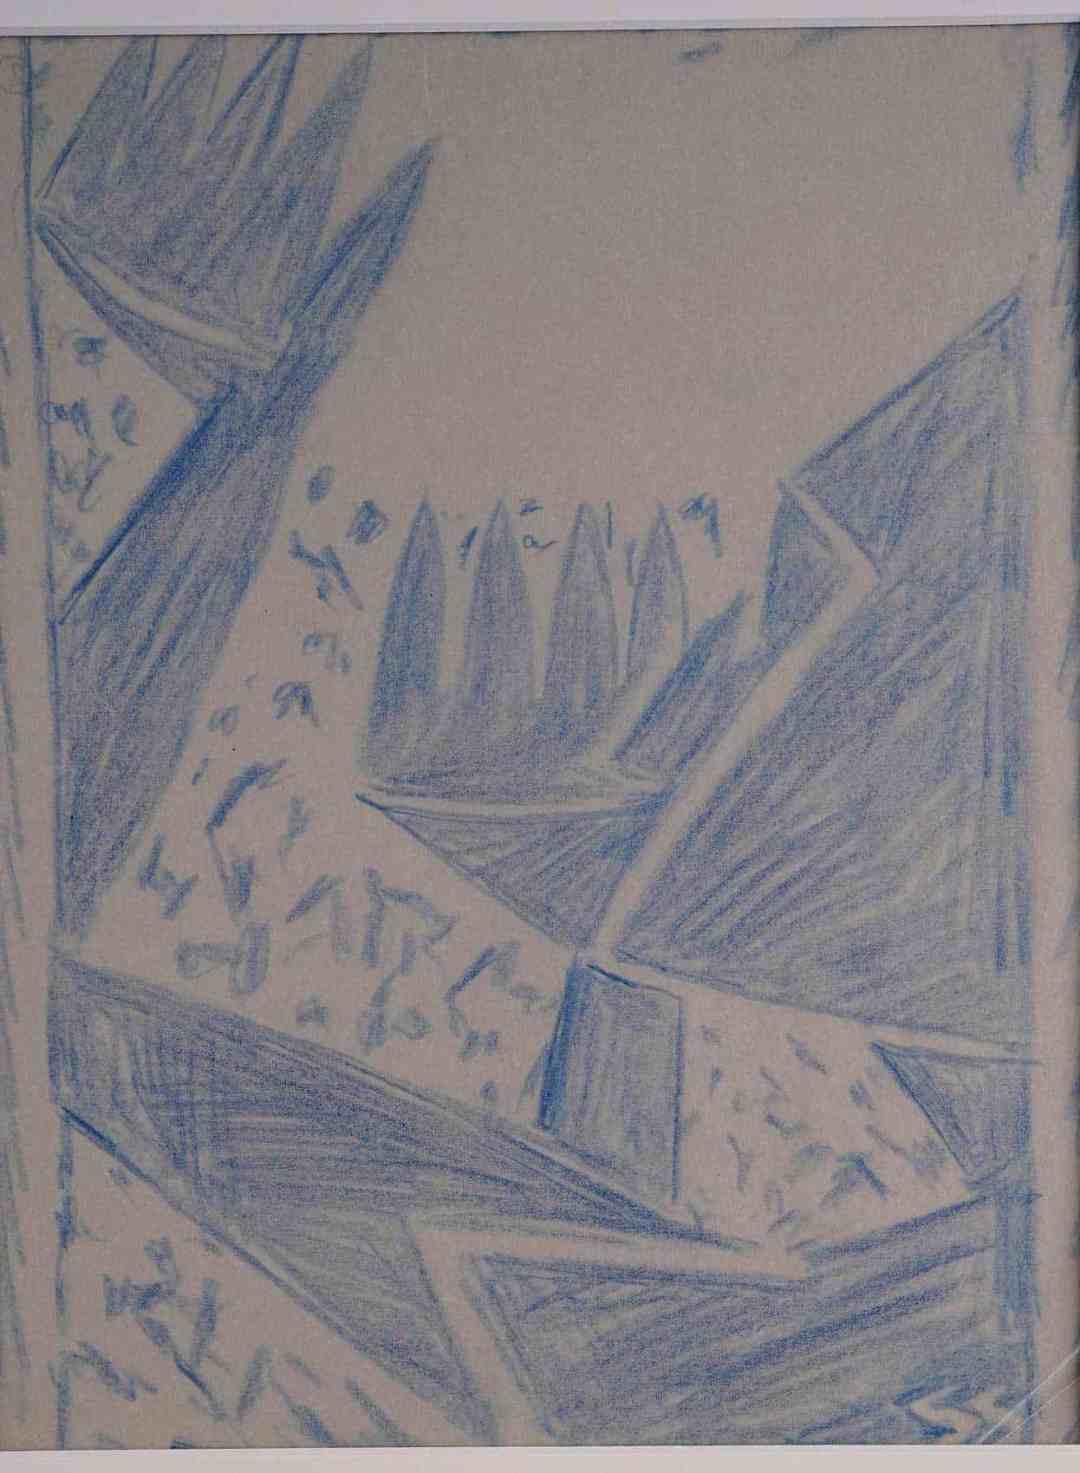 Stefan Szmaj, Prayer to the Sun / Profile, Linocut, paper; 25,1 x 18,3 cm